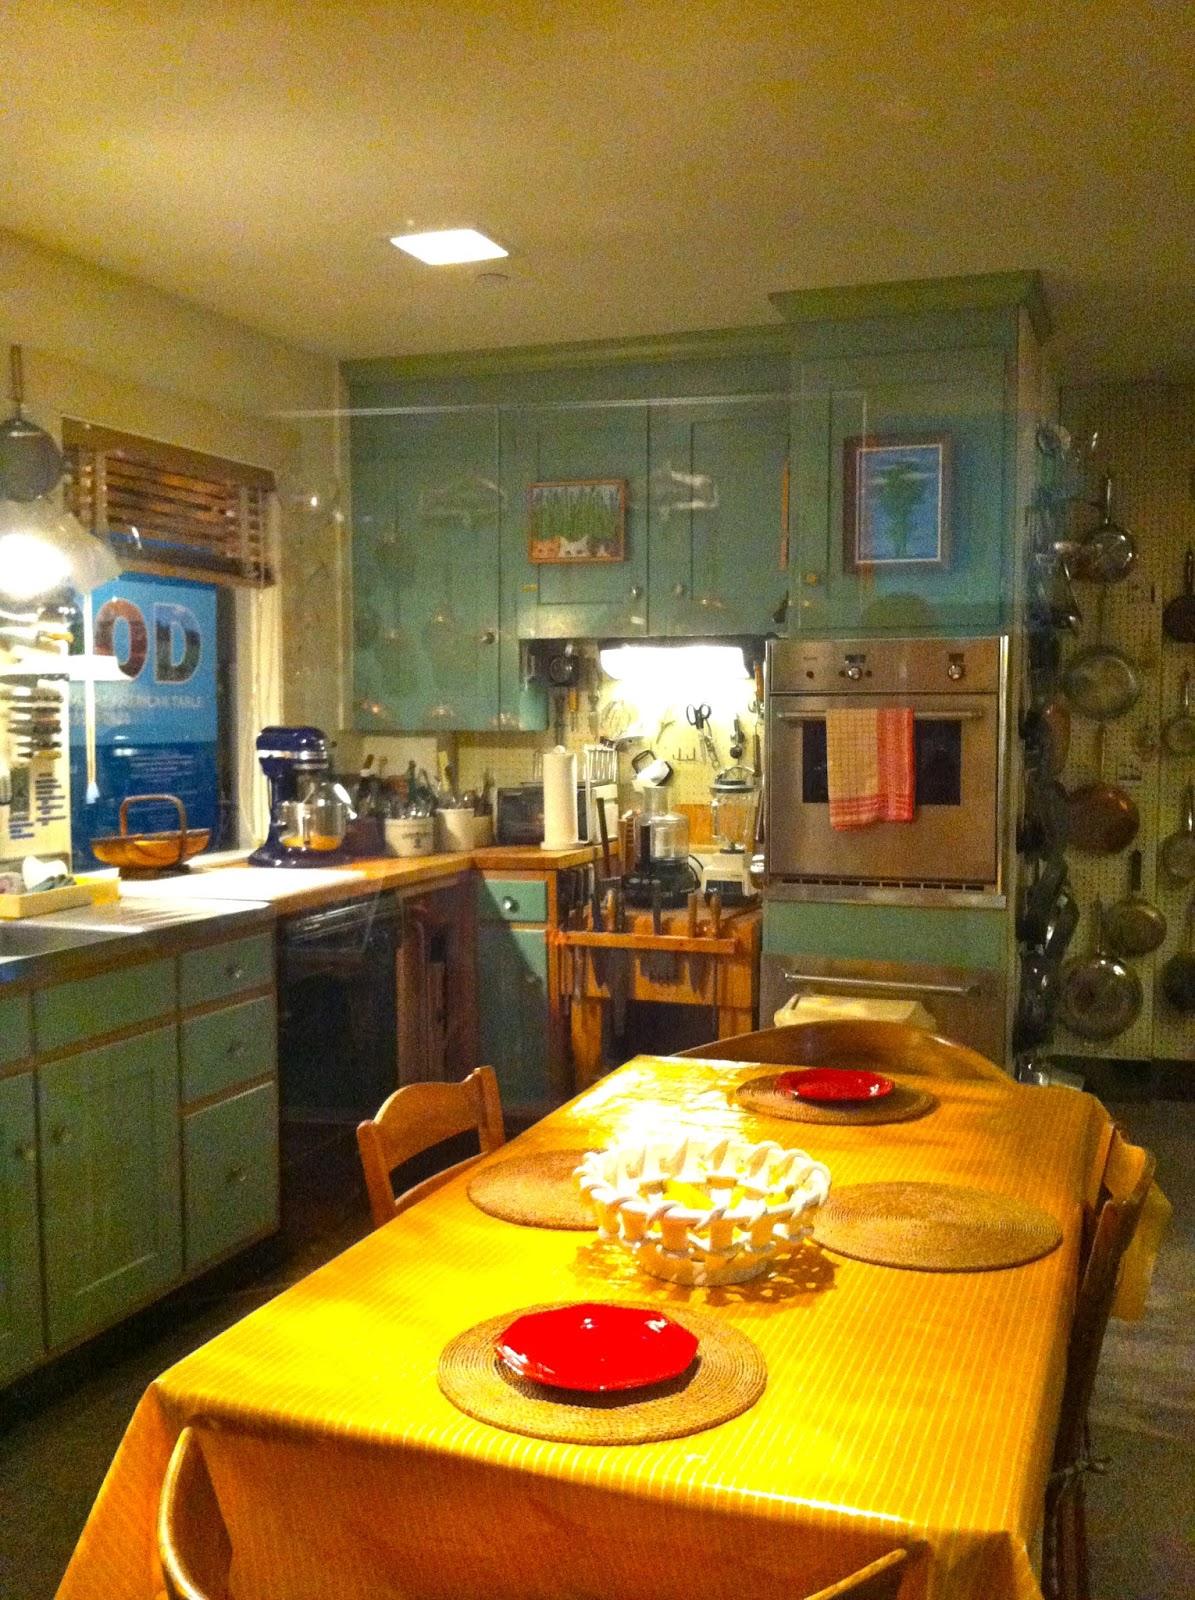 Childs Kitchen Appliances